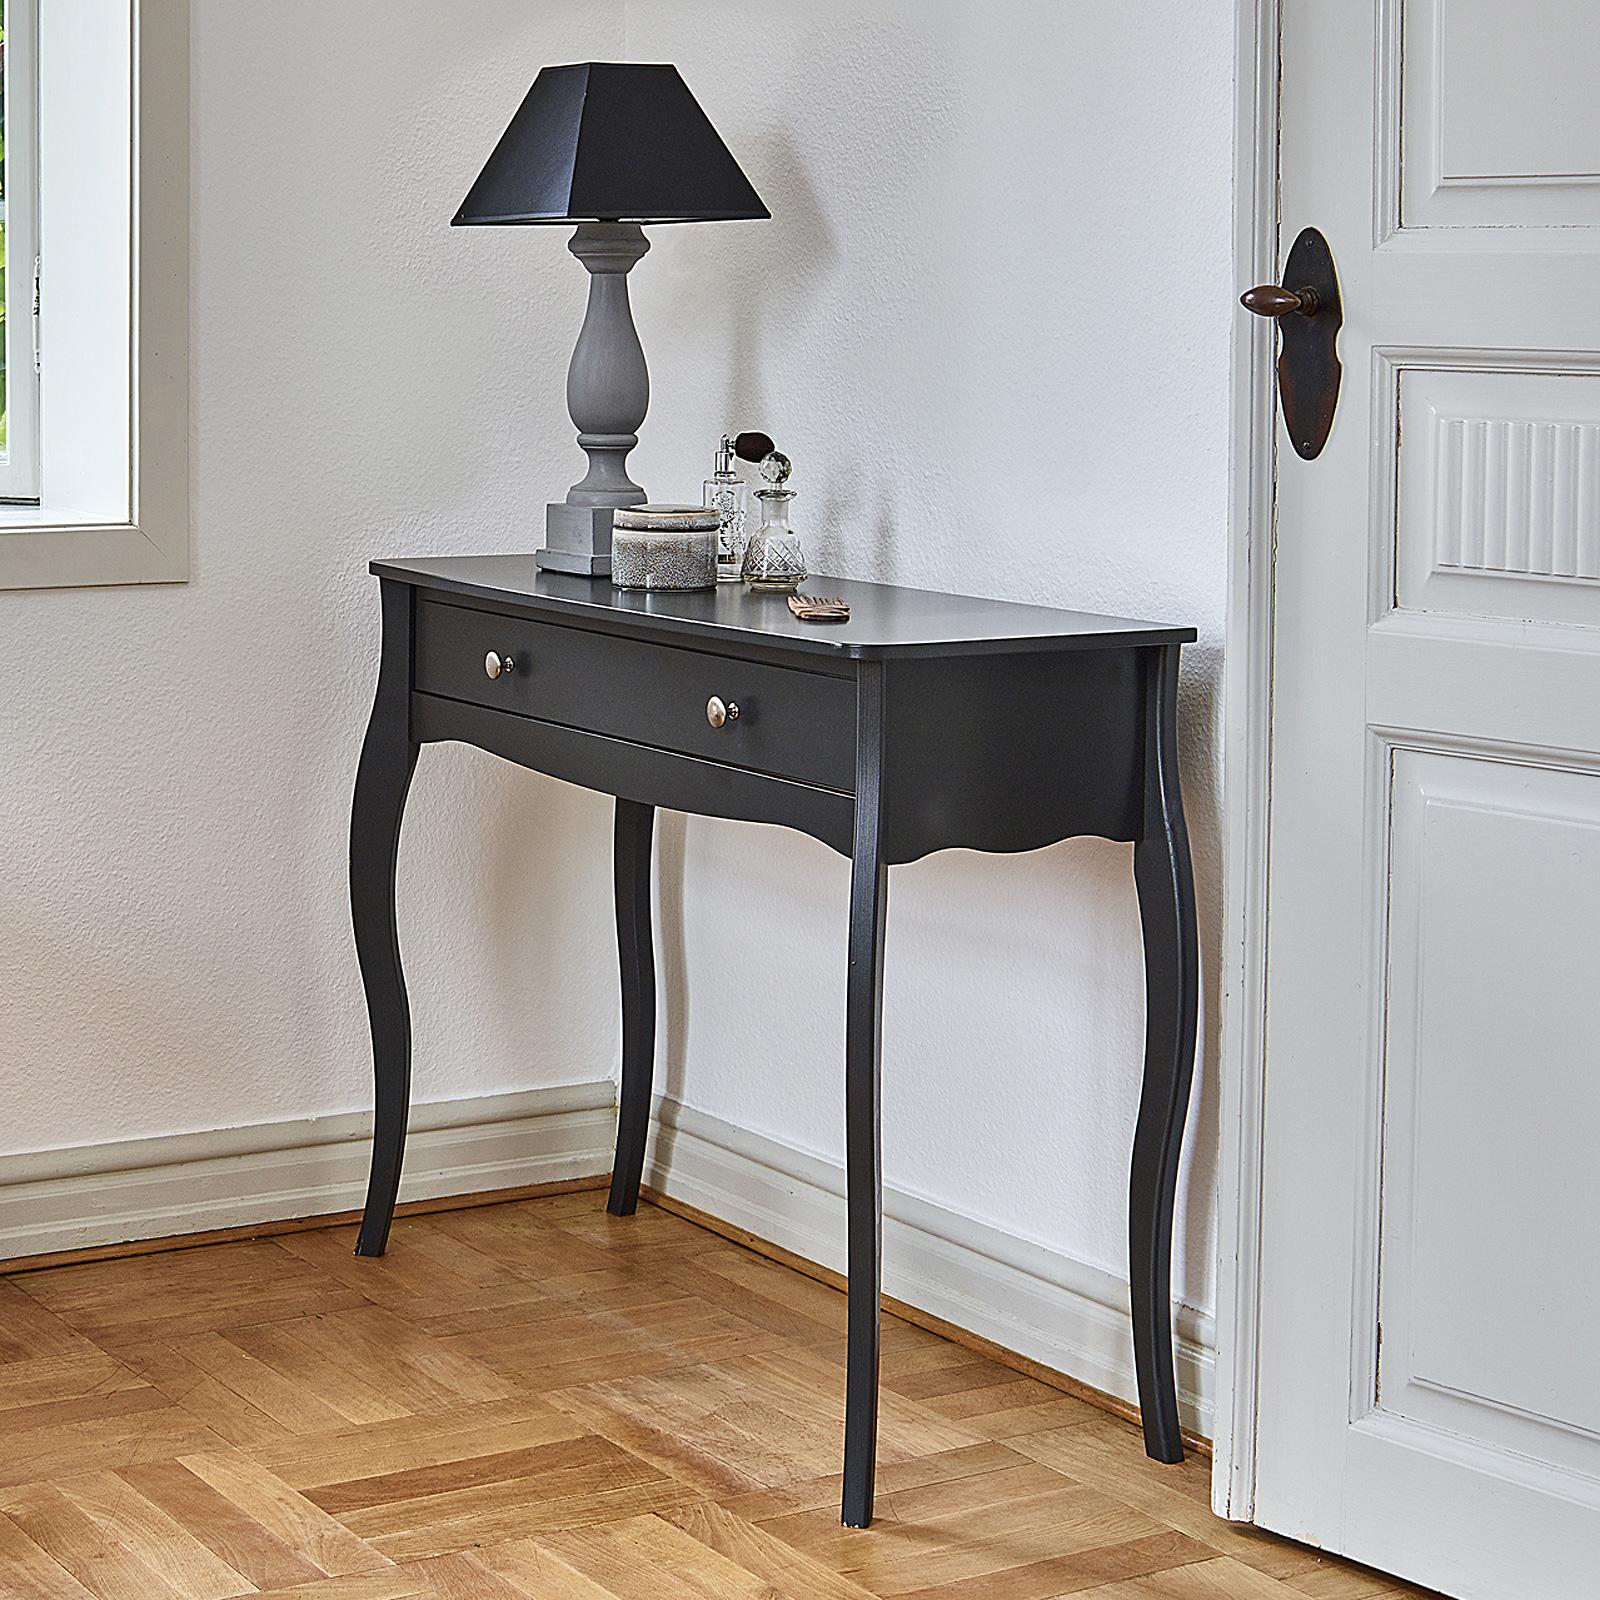 Nachttisch kommode frisiertisch baroque mdf schwarz braun oder rein wei auswahl ebay - Frisiertisch schwarz ...